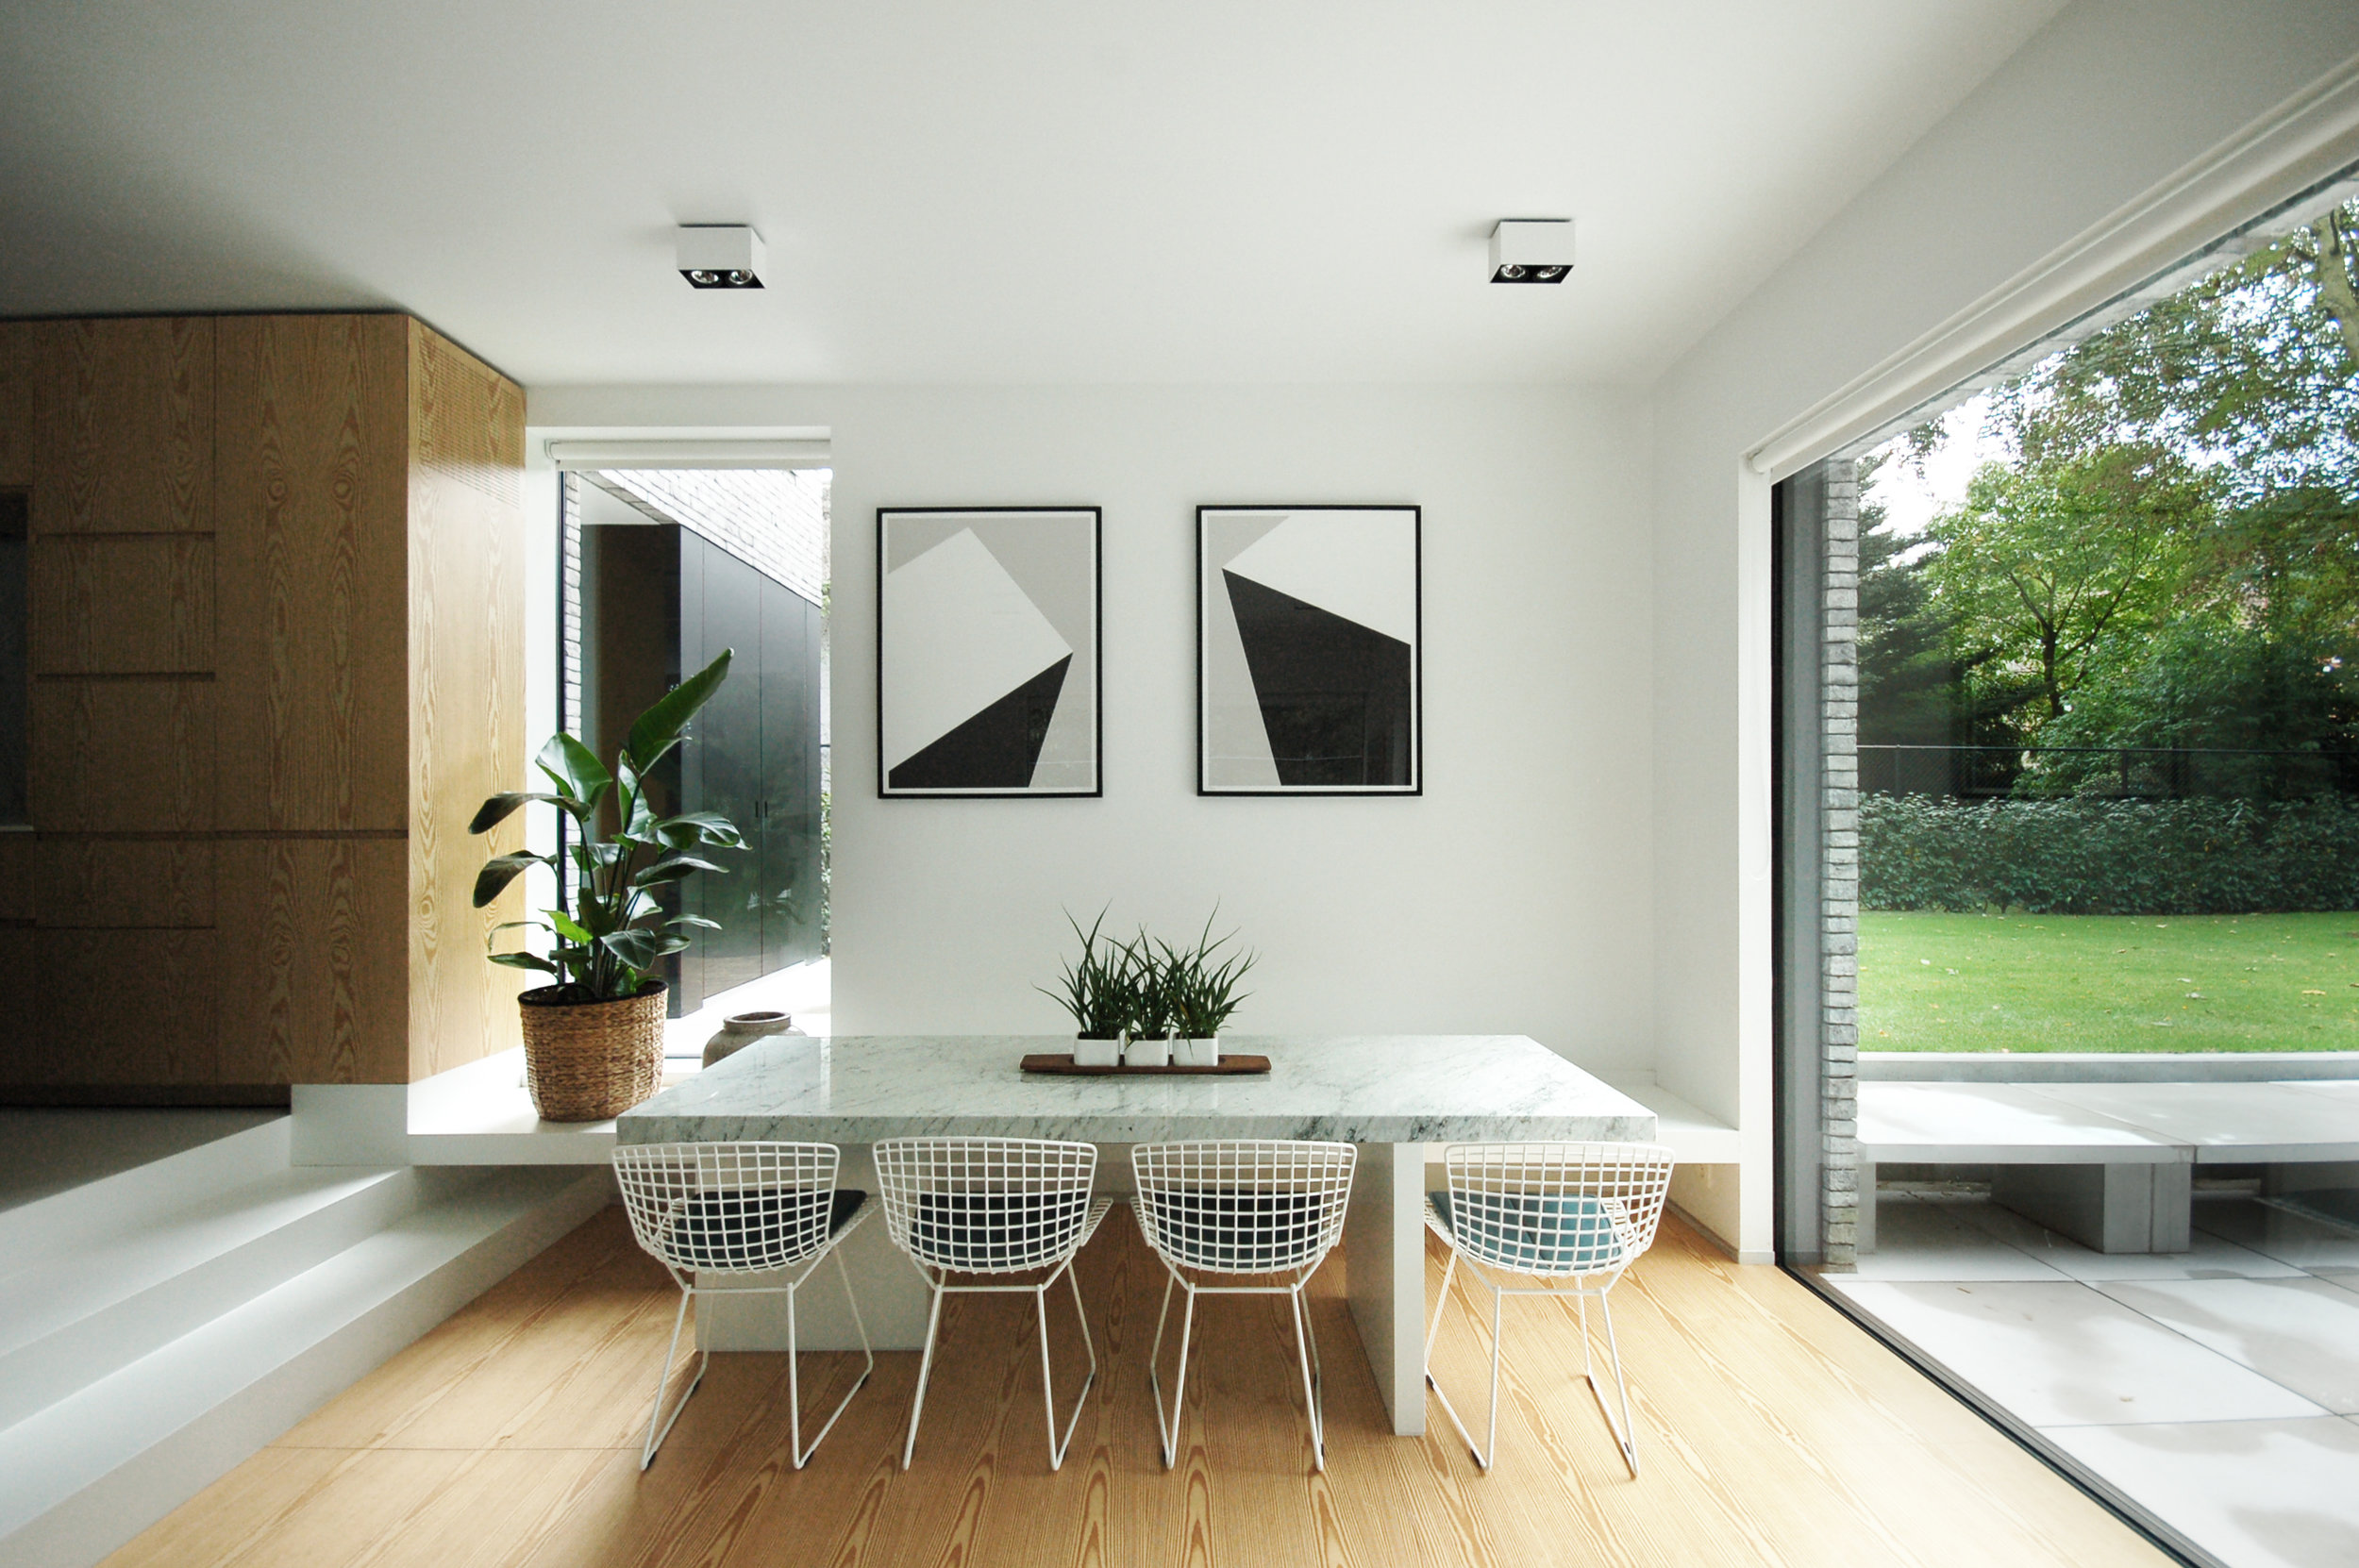 demeestervliegen-architecture-interior-interiorarchitecture-office19.jpg